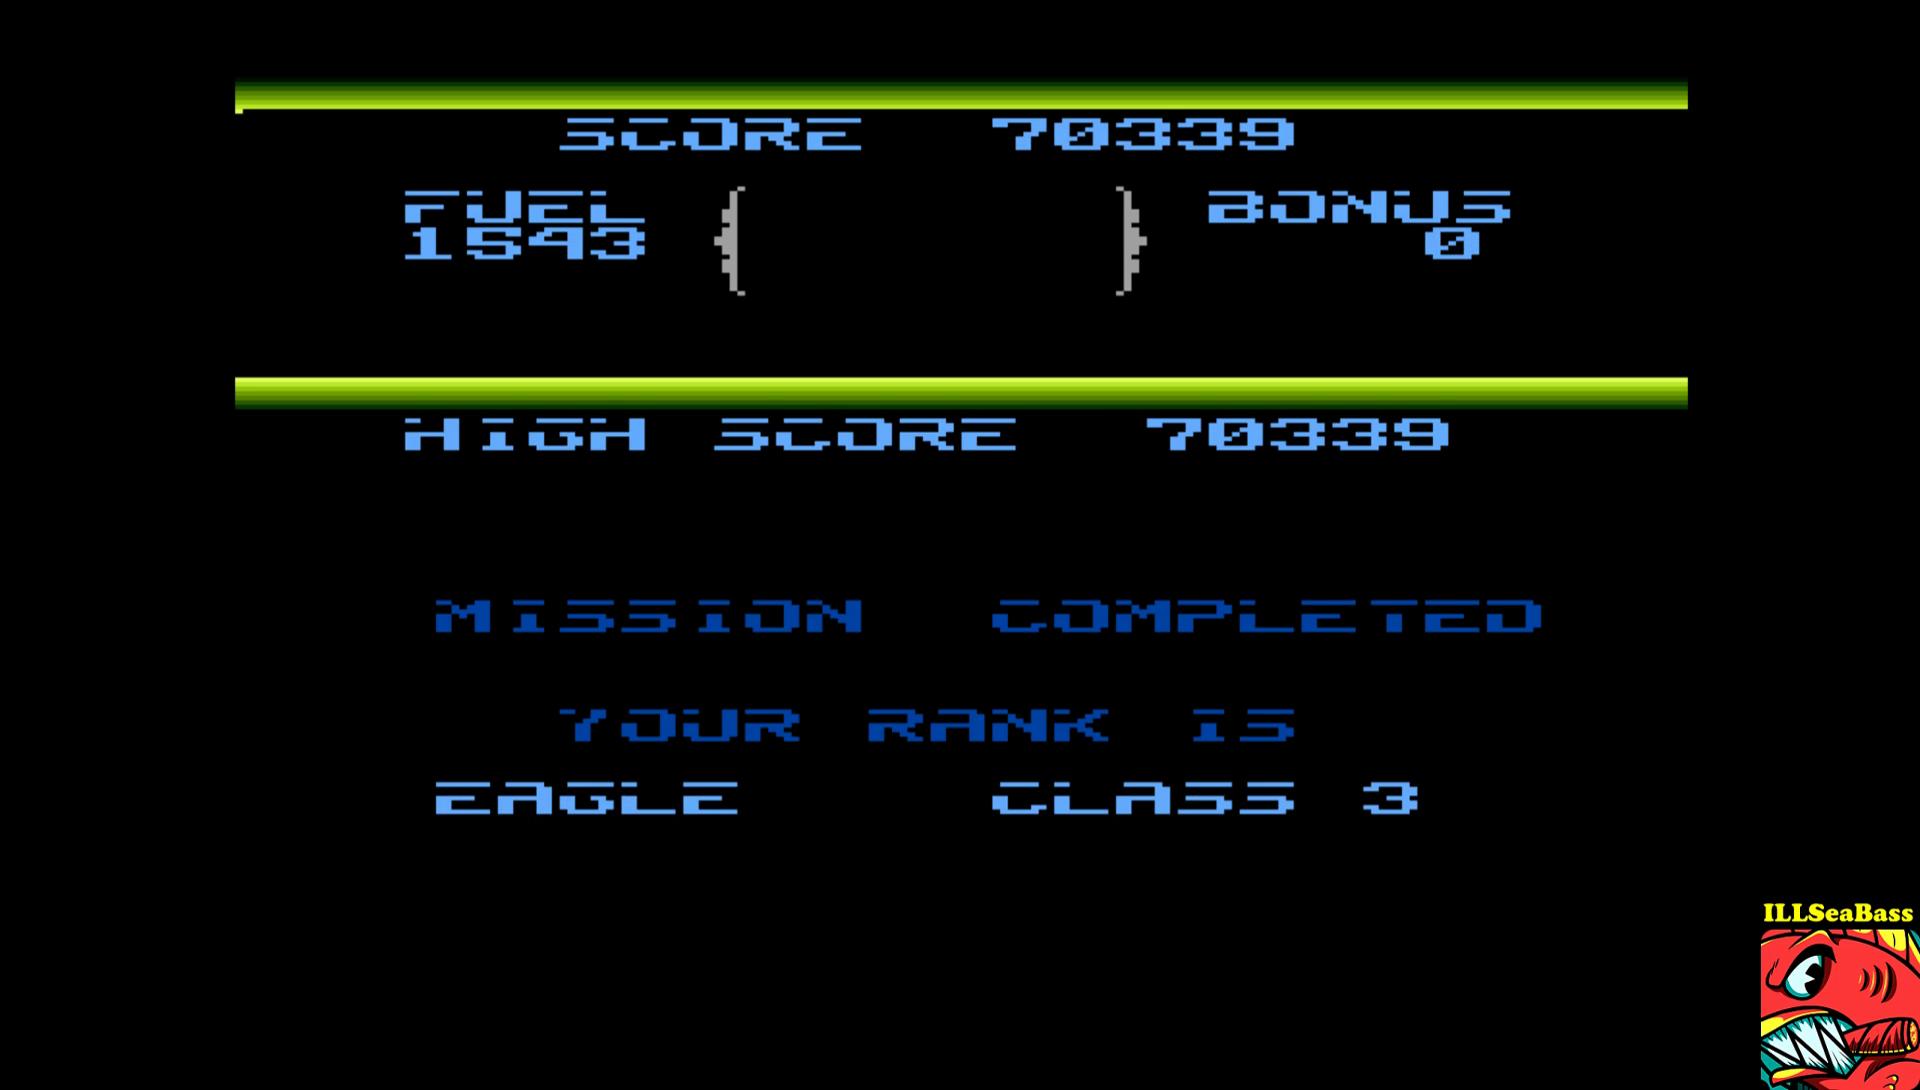 ILLSeaBass: Fort Apocalypse (Atari 400/800/XL/XE Emulated) 70,339 points on 2017-01-27 20:38:53